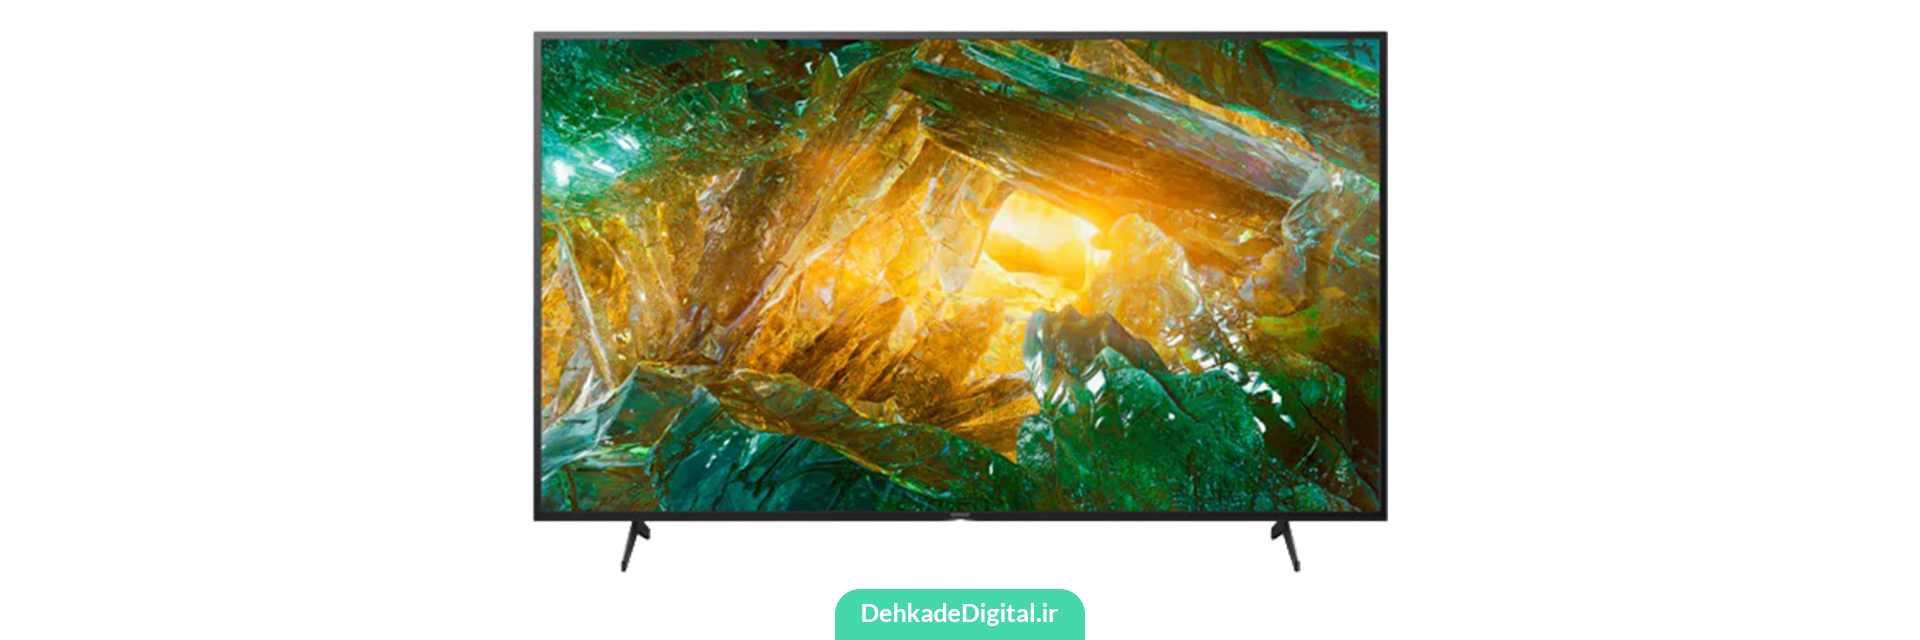 معرفی تلویزیون های سونی X8000H65